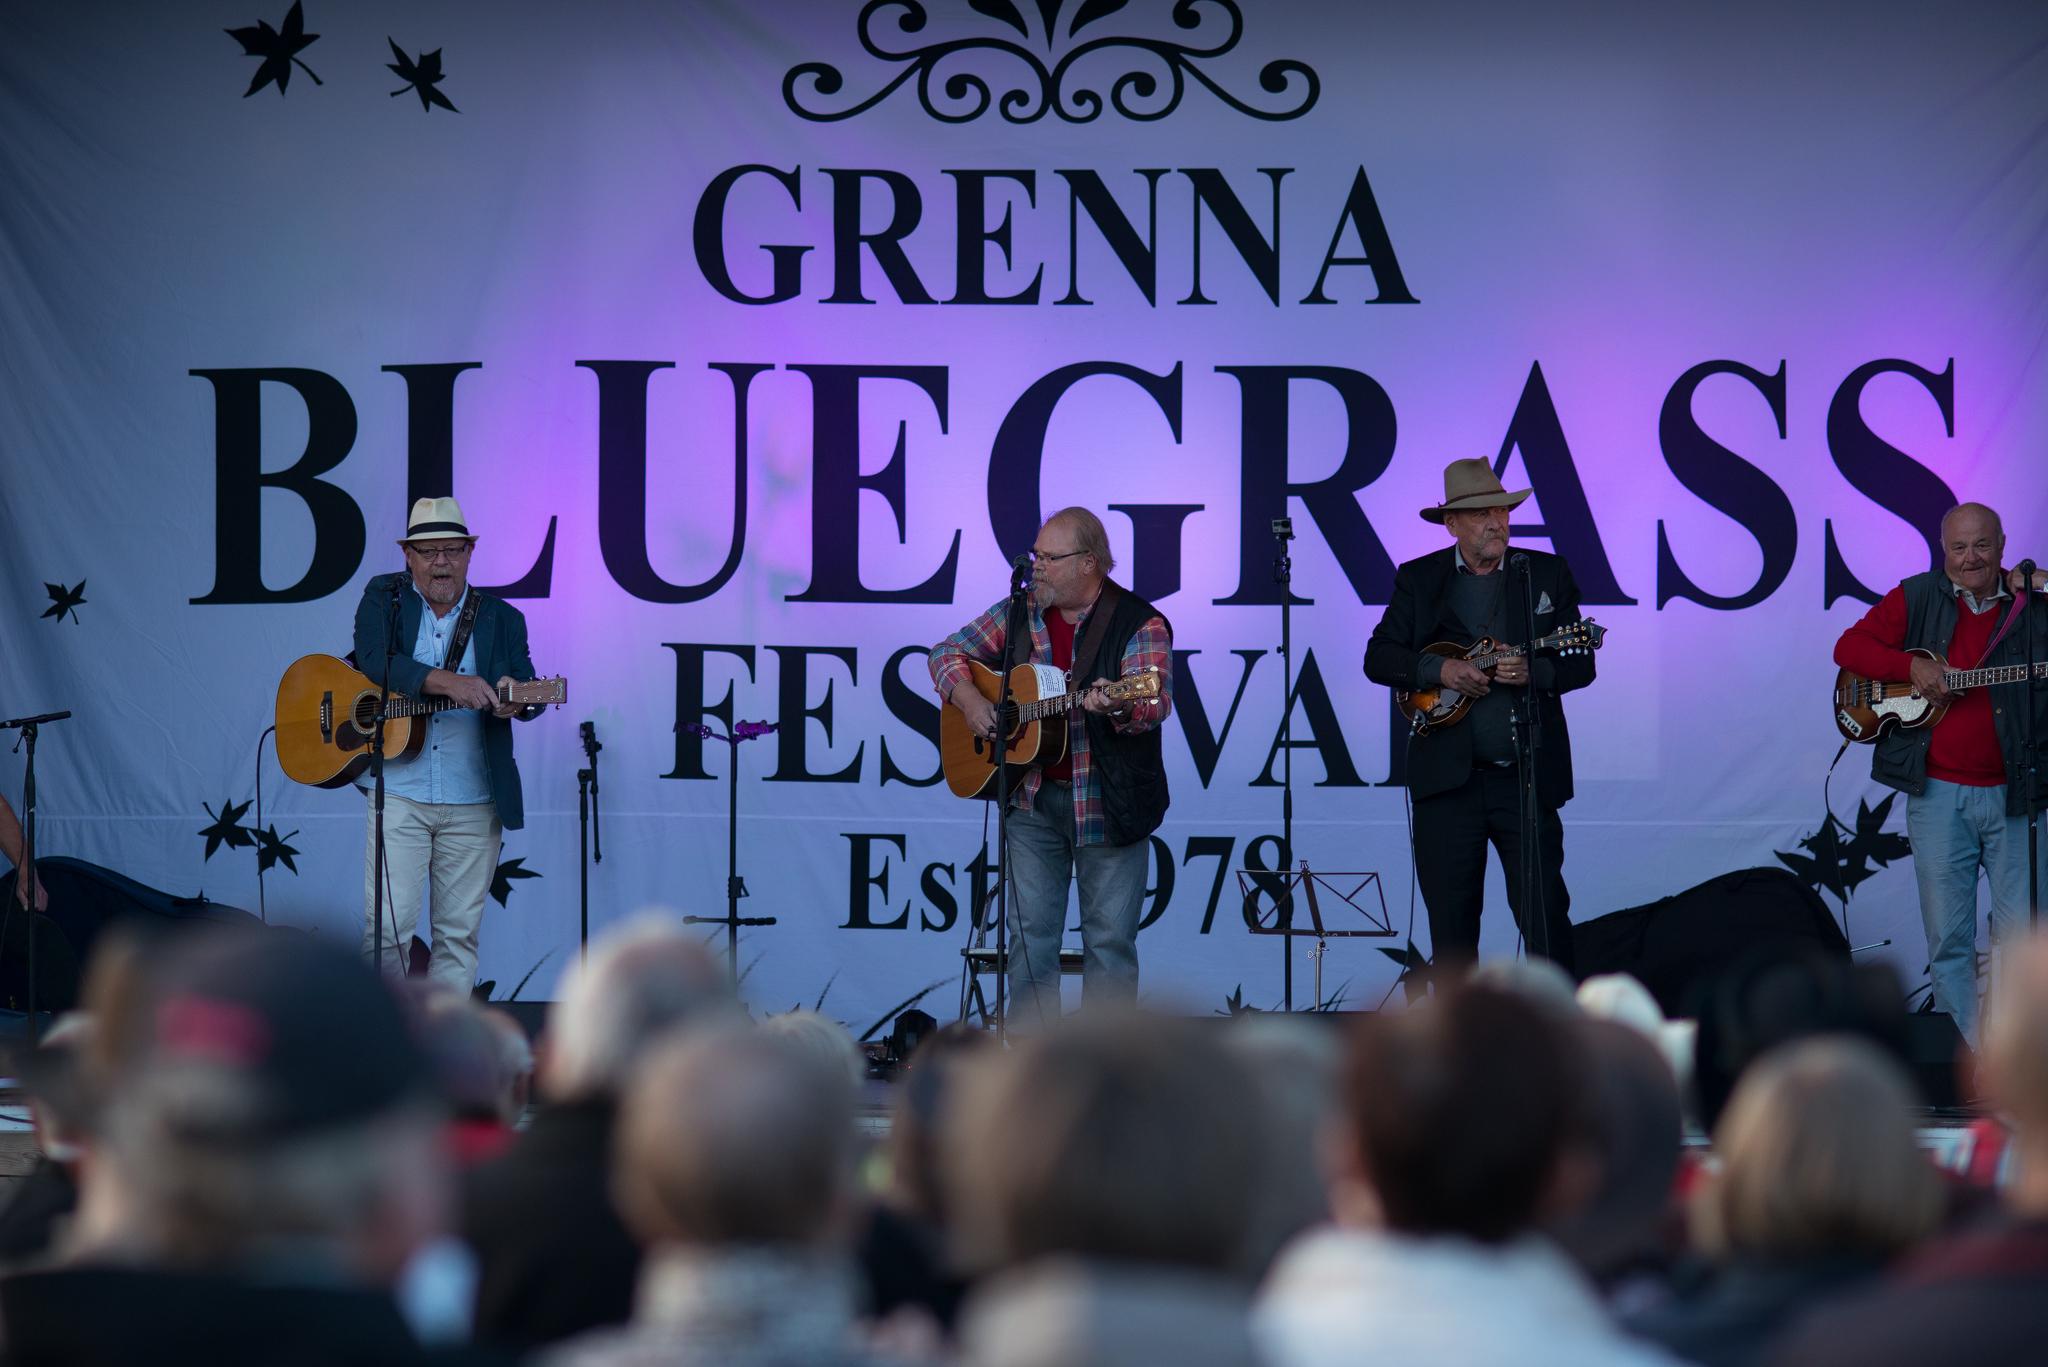 Grenna Bluegrass